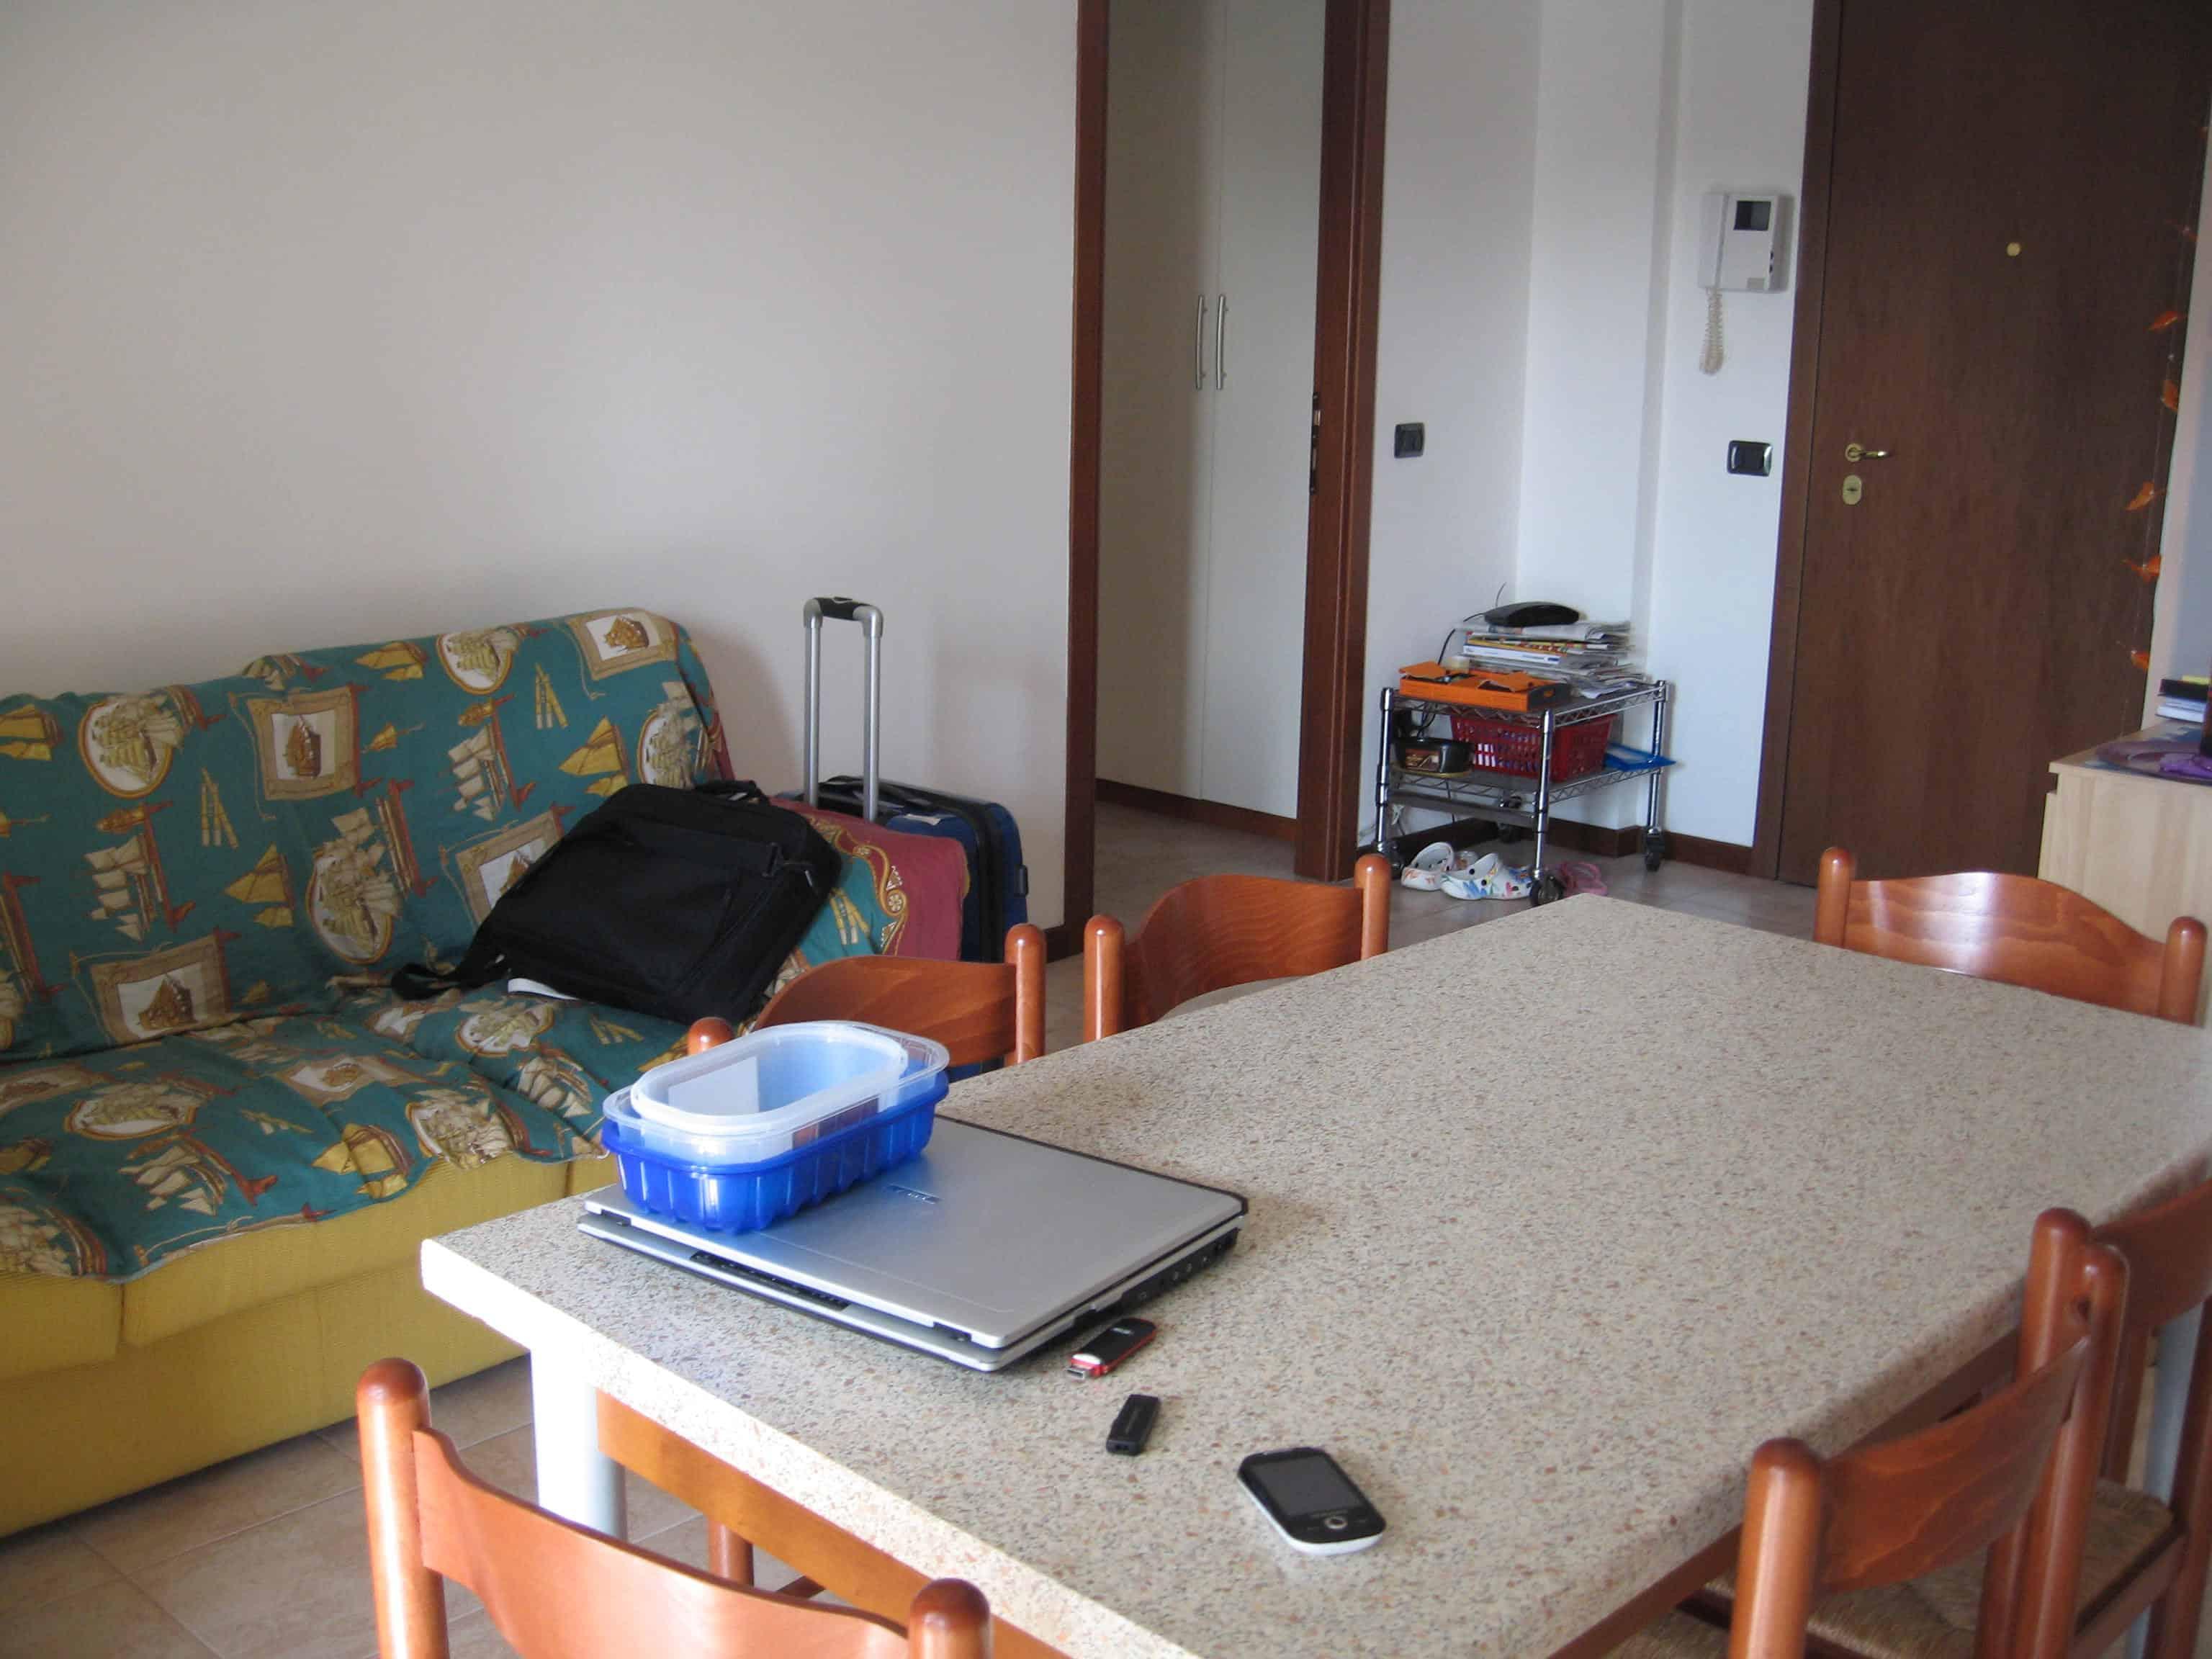 Appartamento per studenti Strada Le Grazie Verona - soggiorno e cucina